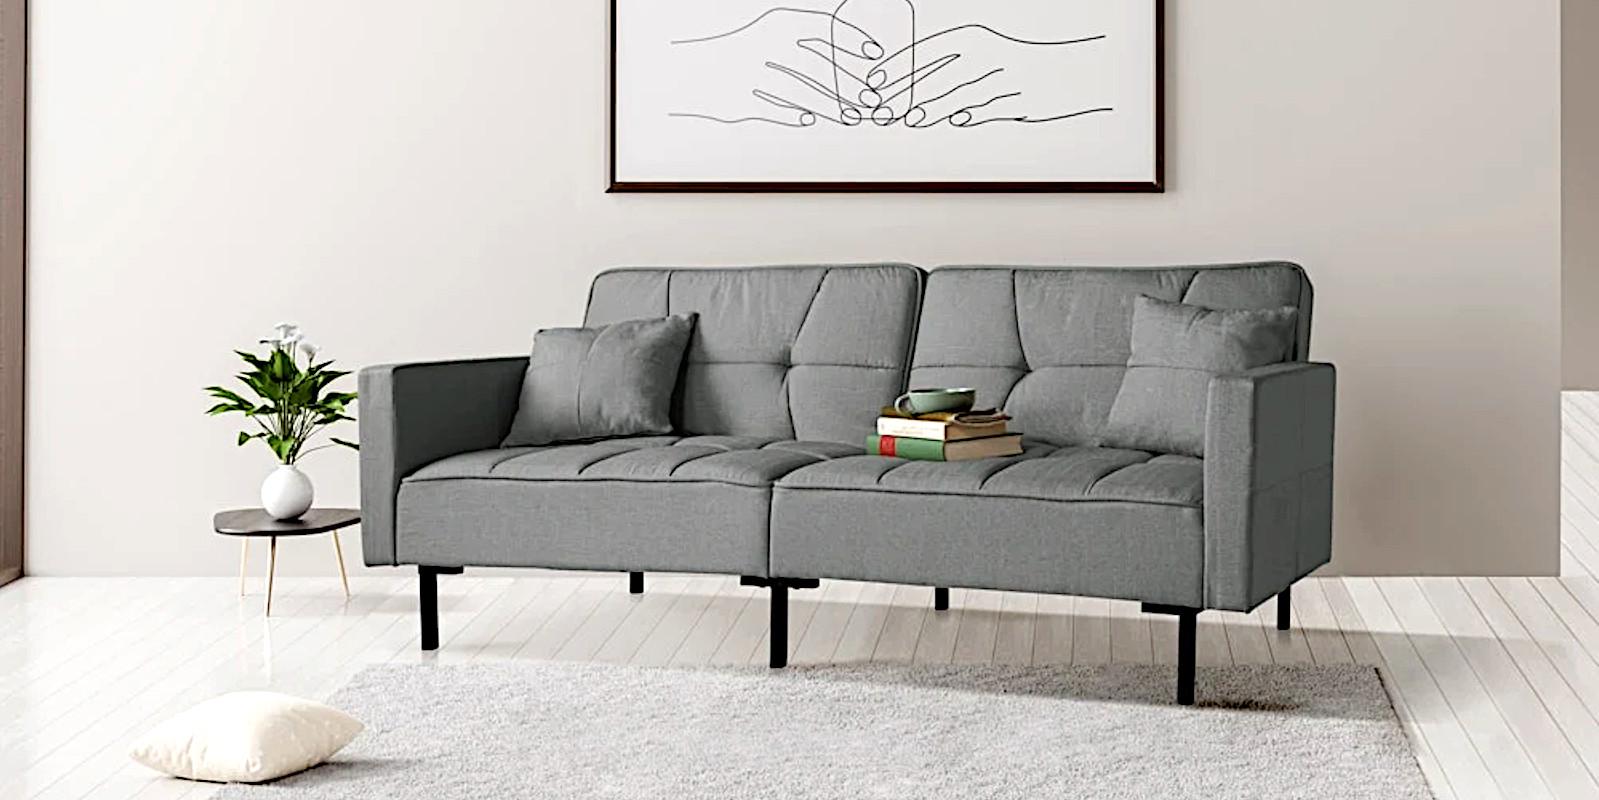 Unique futons